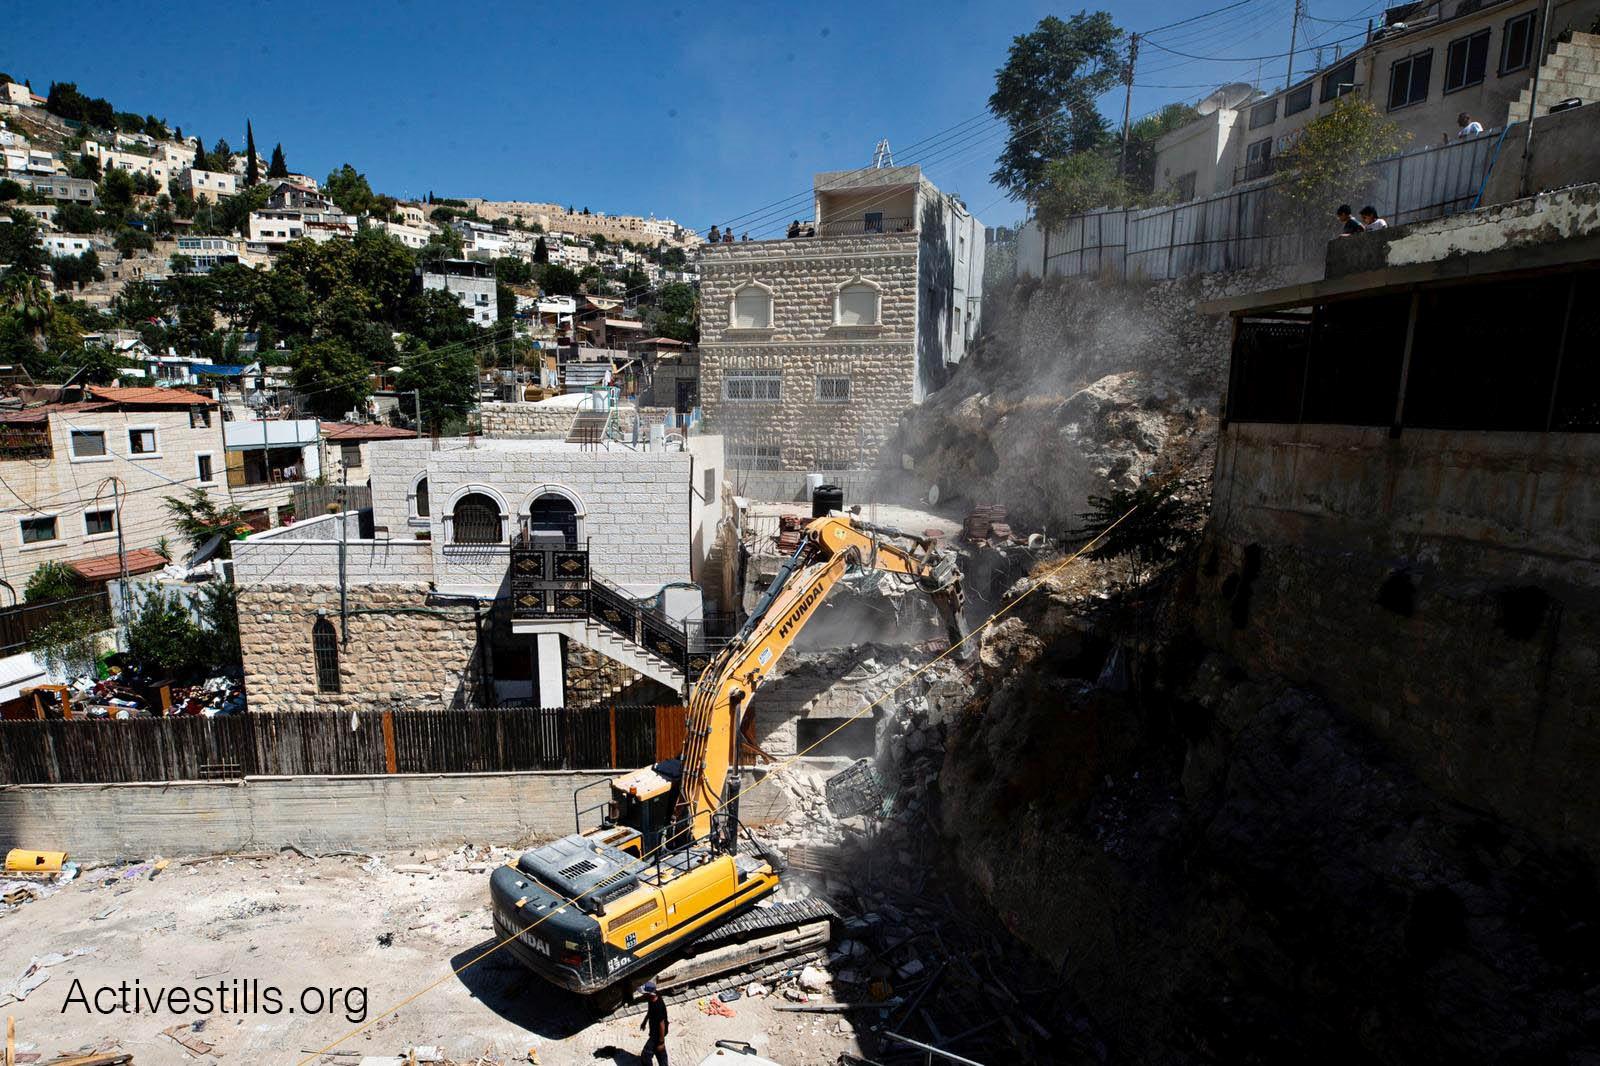 במהלך אוגוסט הכיבוש הרס 108 בתים פלסטינים והותיר 160 בני אדם ללא קורת גג